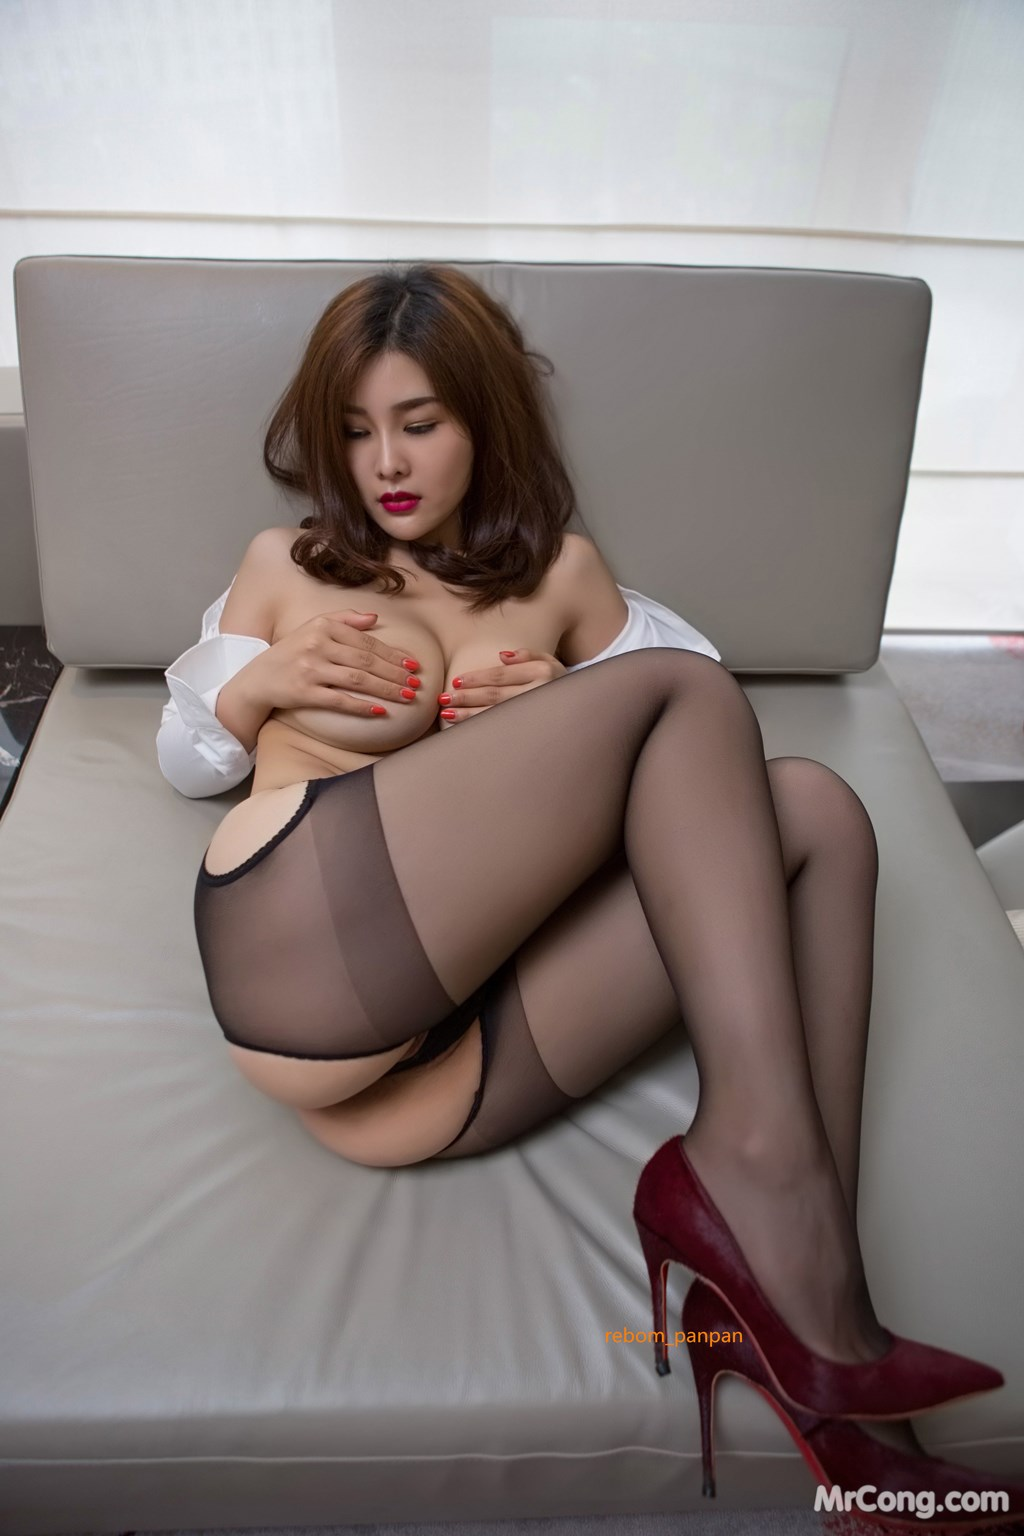 Image Yan-Pan-Pan-Part-4-MrCong.com-028 in post Người đẹp Yan Pan Pan (闫盼盼) hờ hững khoe vòng một trên giường ngủ (40 ảnh)